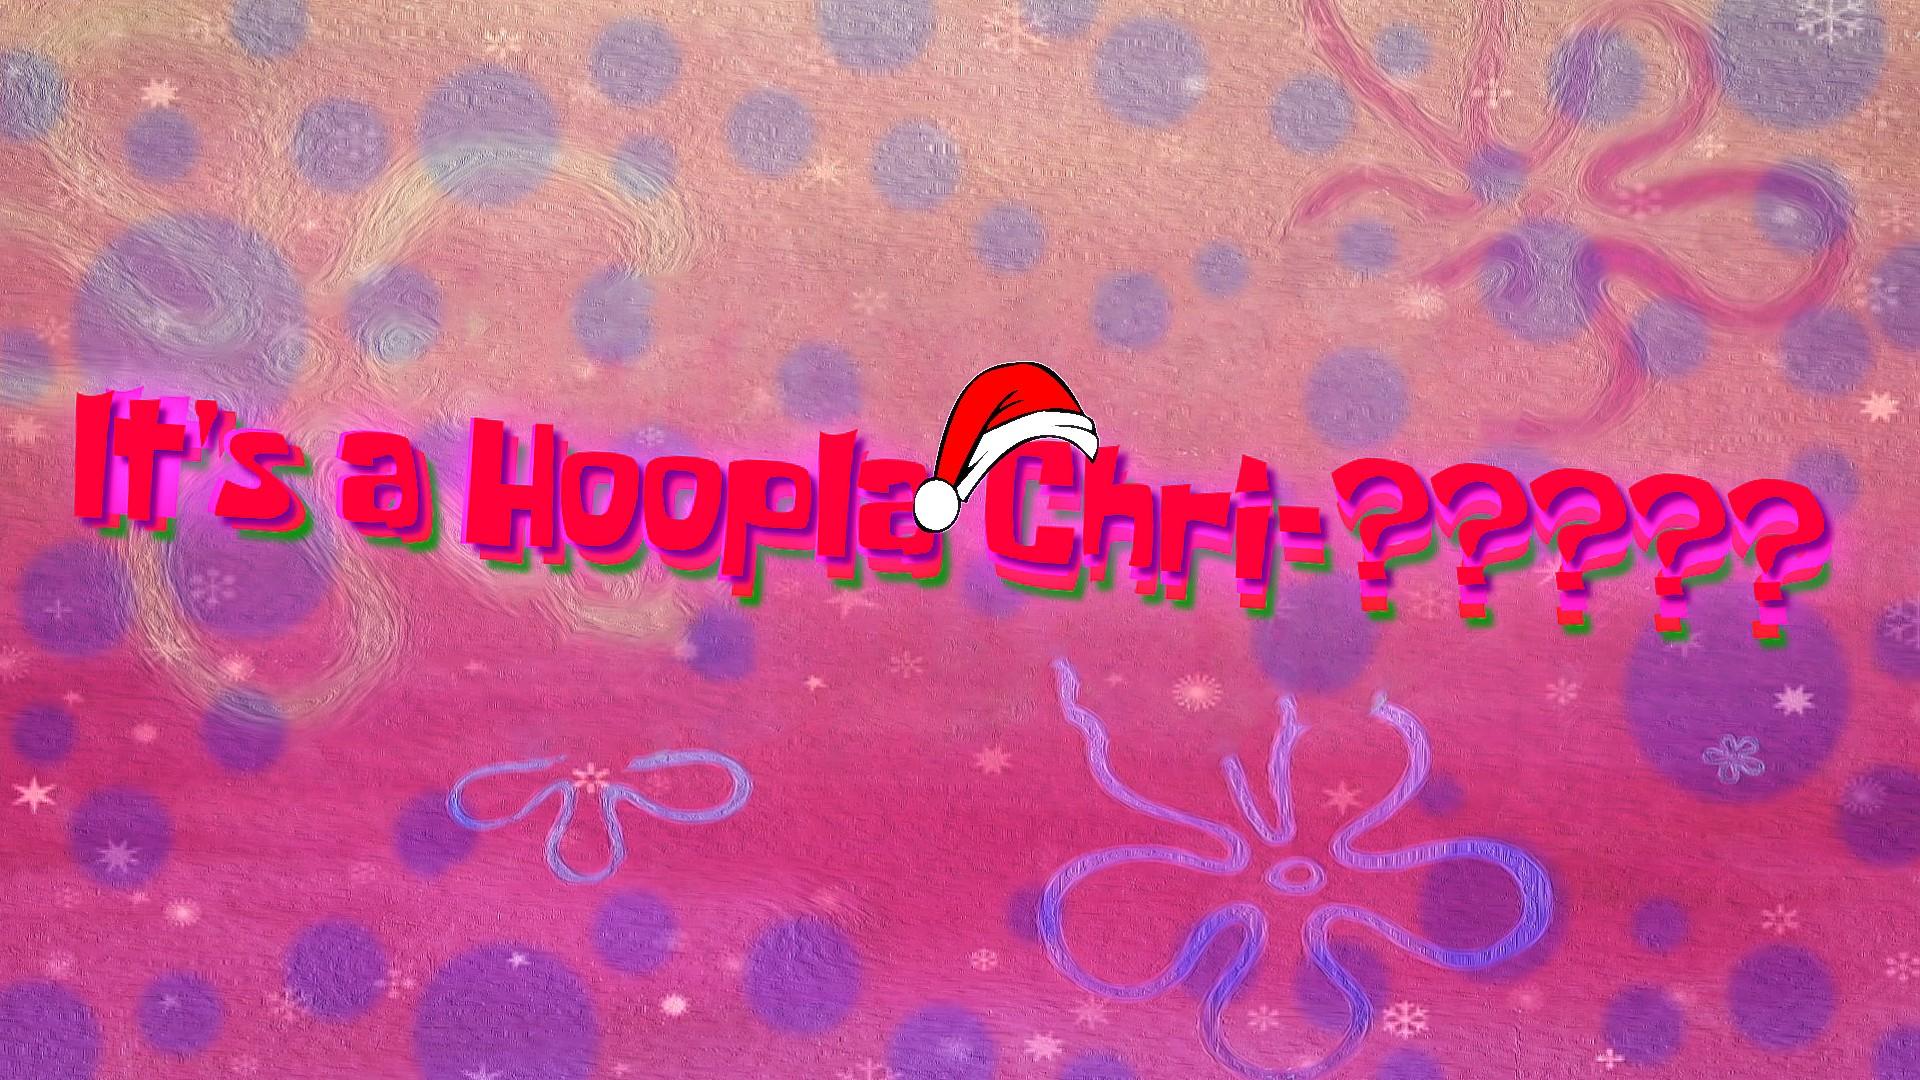 It's a Hoopla Chri-?????